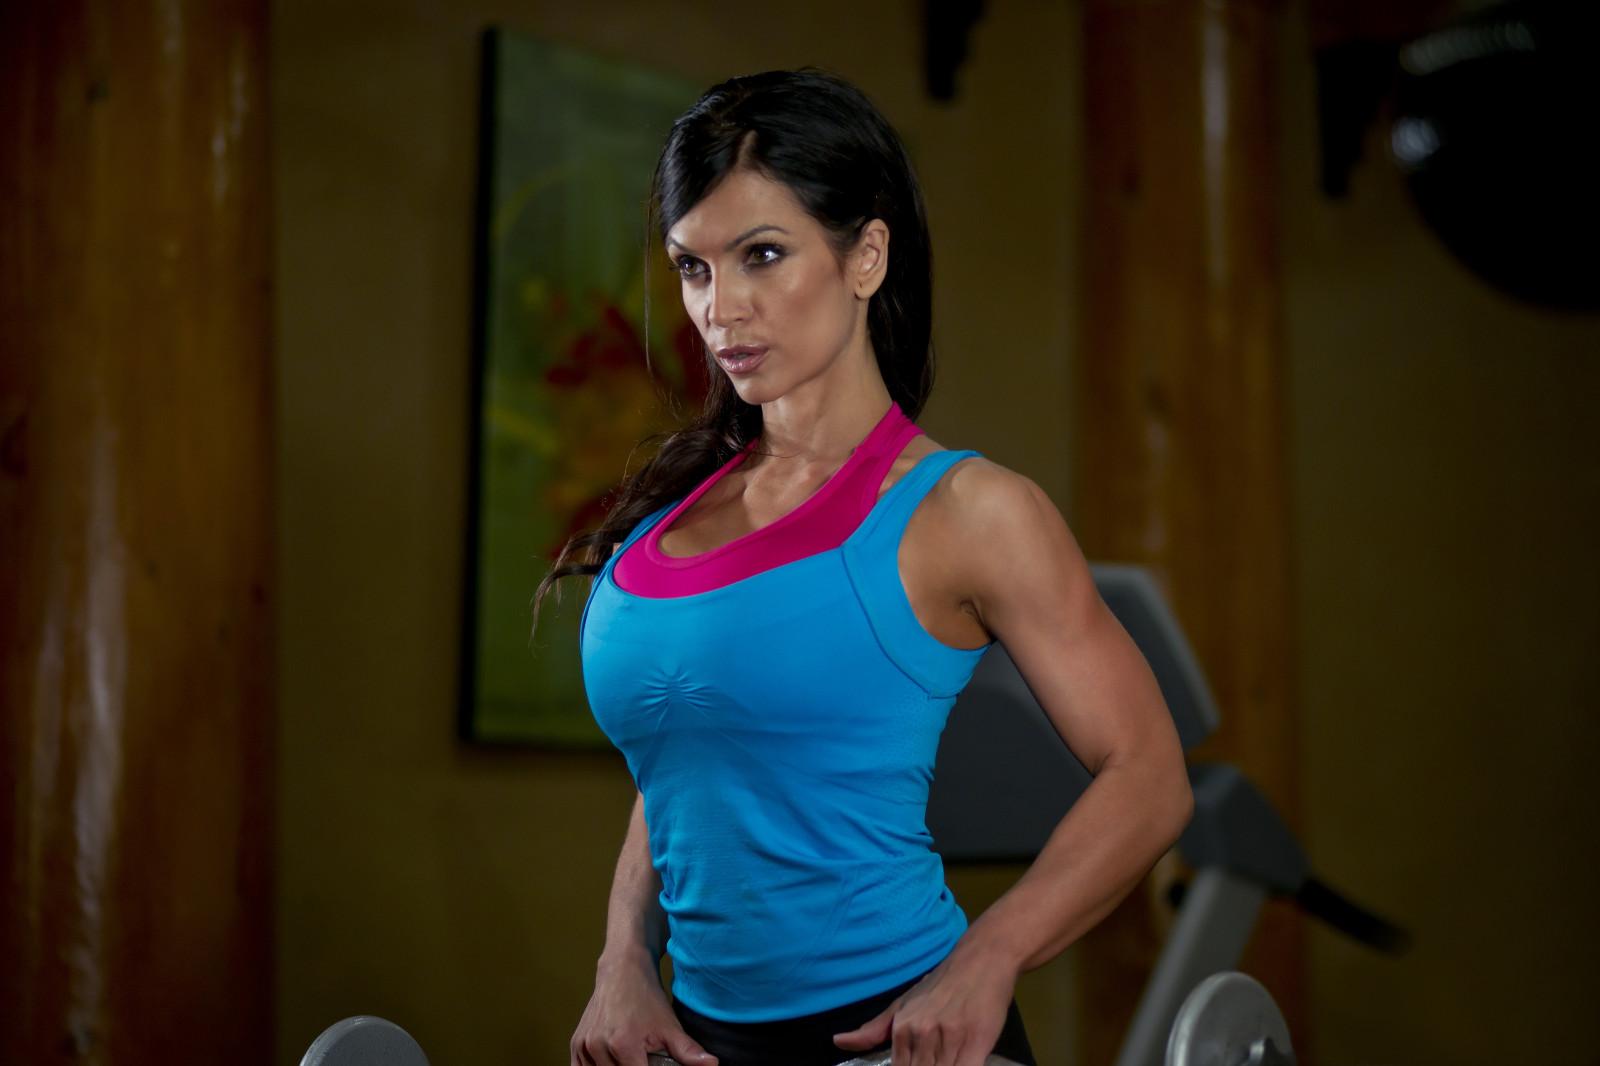 Denise Milani Workout Wallpaper : sports, mo...